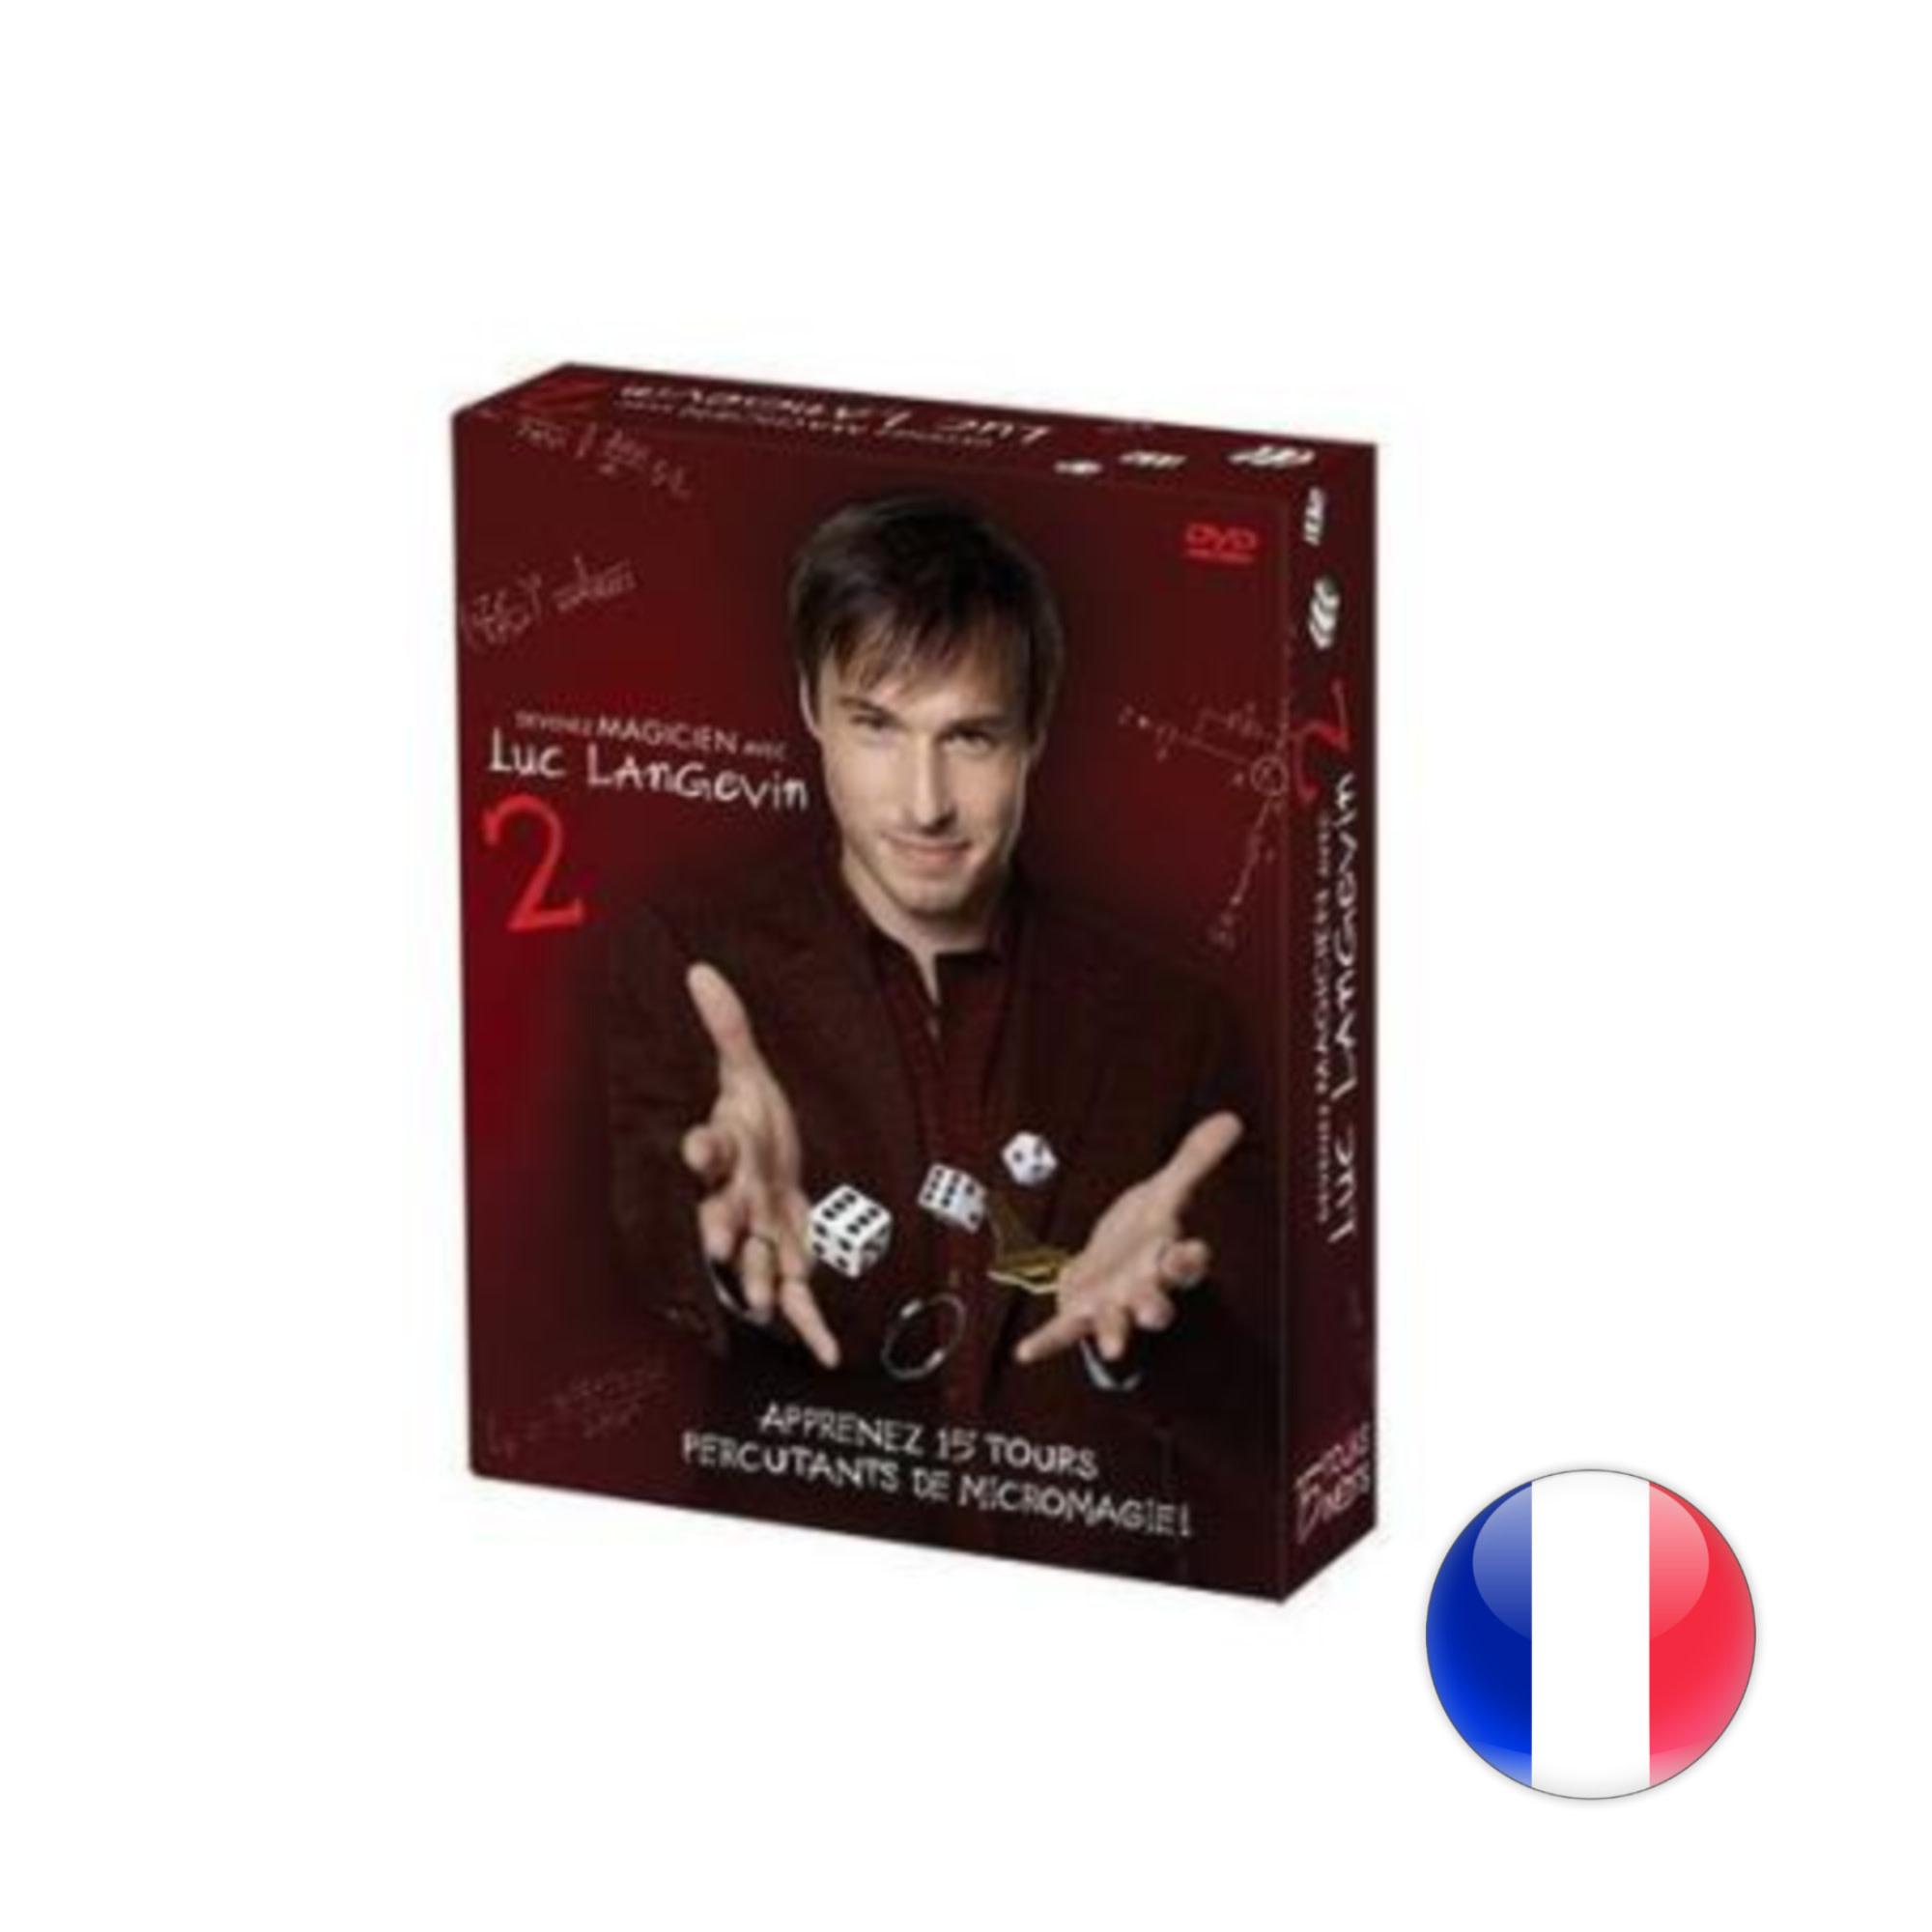 Gladius Devenez magicien avec Luc Langevin vol. 2